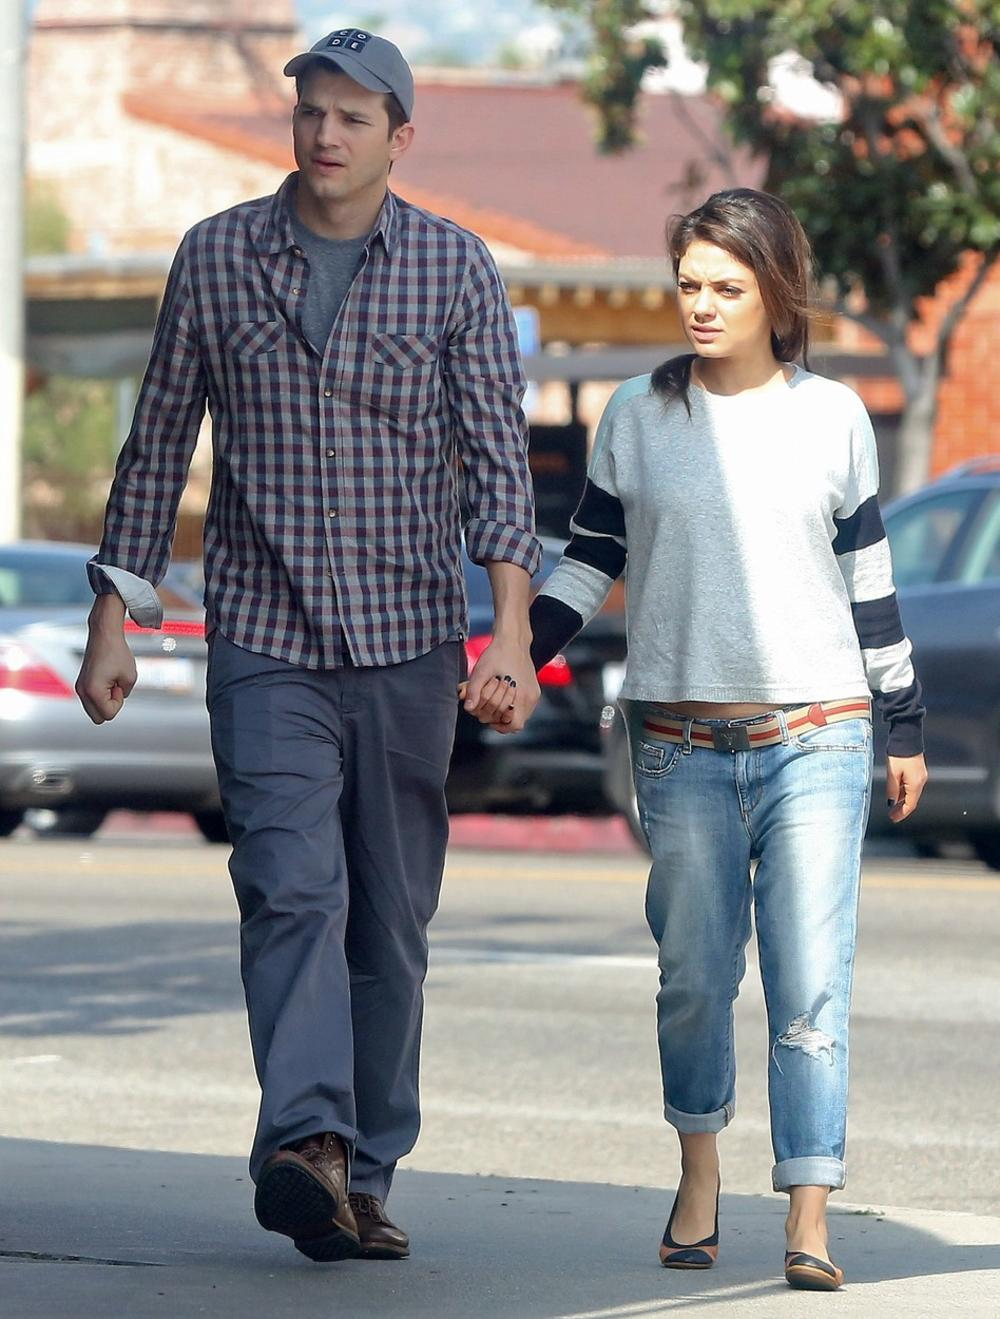 <p><br /> Mila Kunis i Ešton Kučer važe za jedan od omiljenih i najskladnijih parova Holivuda, a utehu su jedno u drugom našli nakon prekida dugih veza.</p>